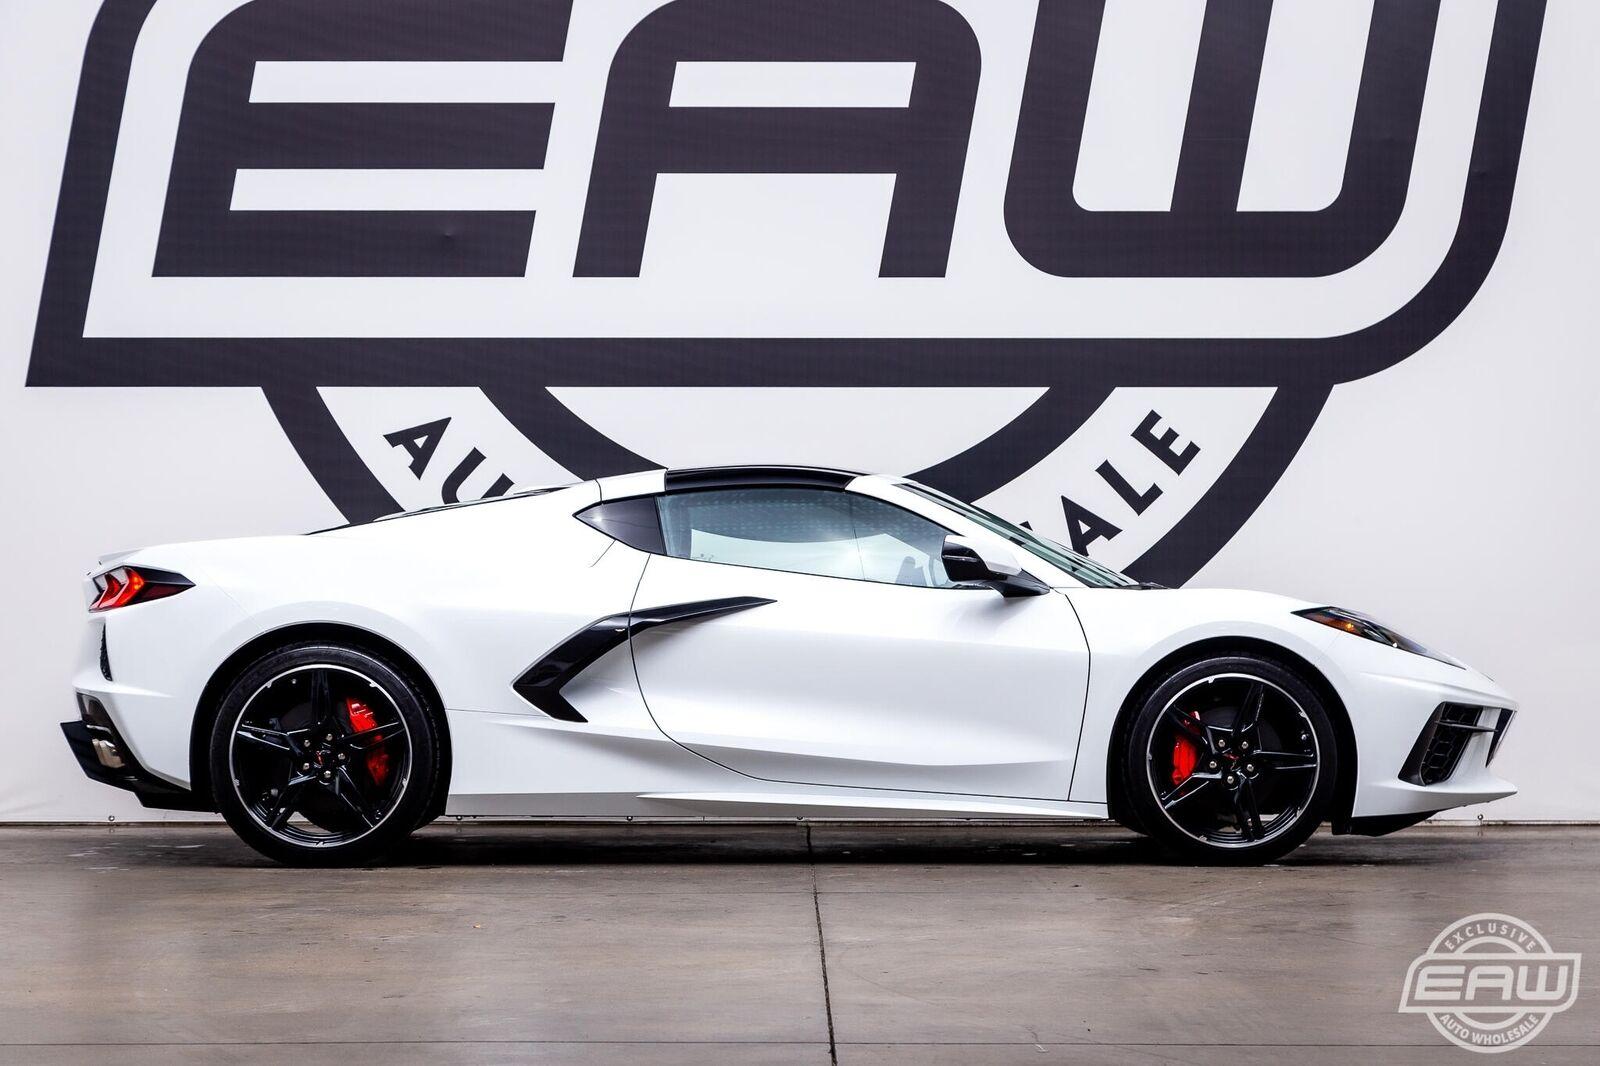 2020 White Chevrolet Corvette Stingray 2LT | C7 Corvette Photo 8